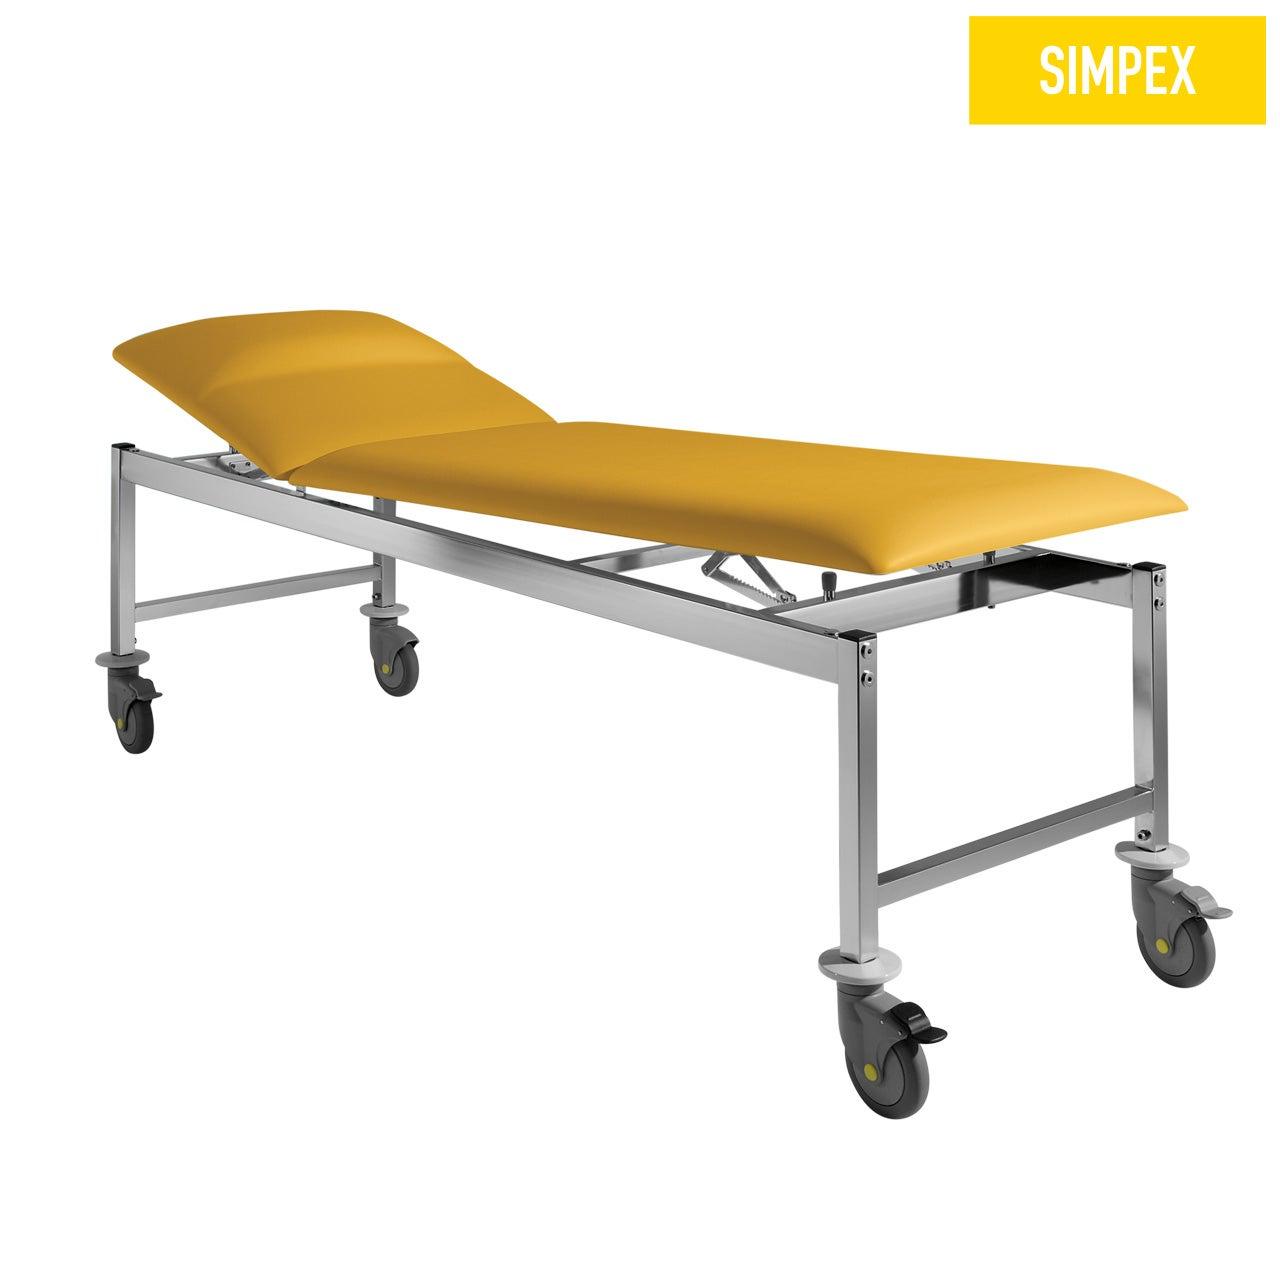 Spezialliege VS-SIESTA 65 Siesta Mobil mit Kunstleder in gelb (mais) und einem Gestell aus Stahl verchromt von SIMPEX